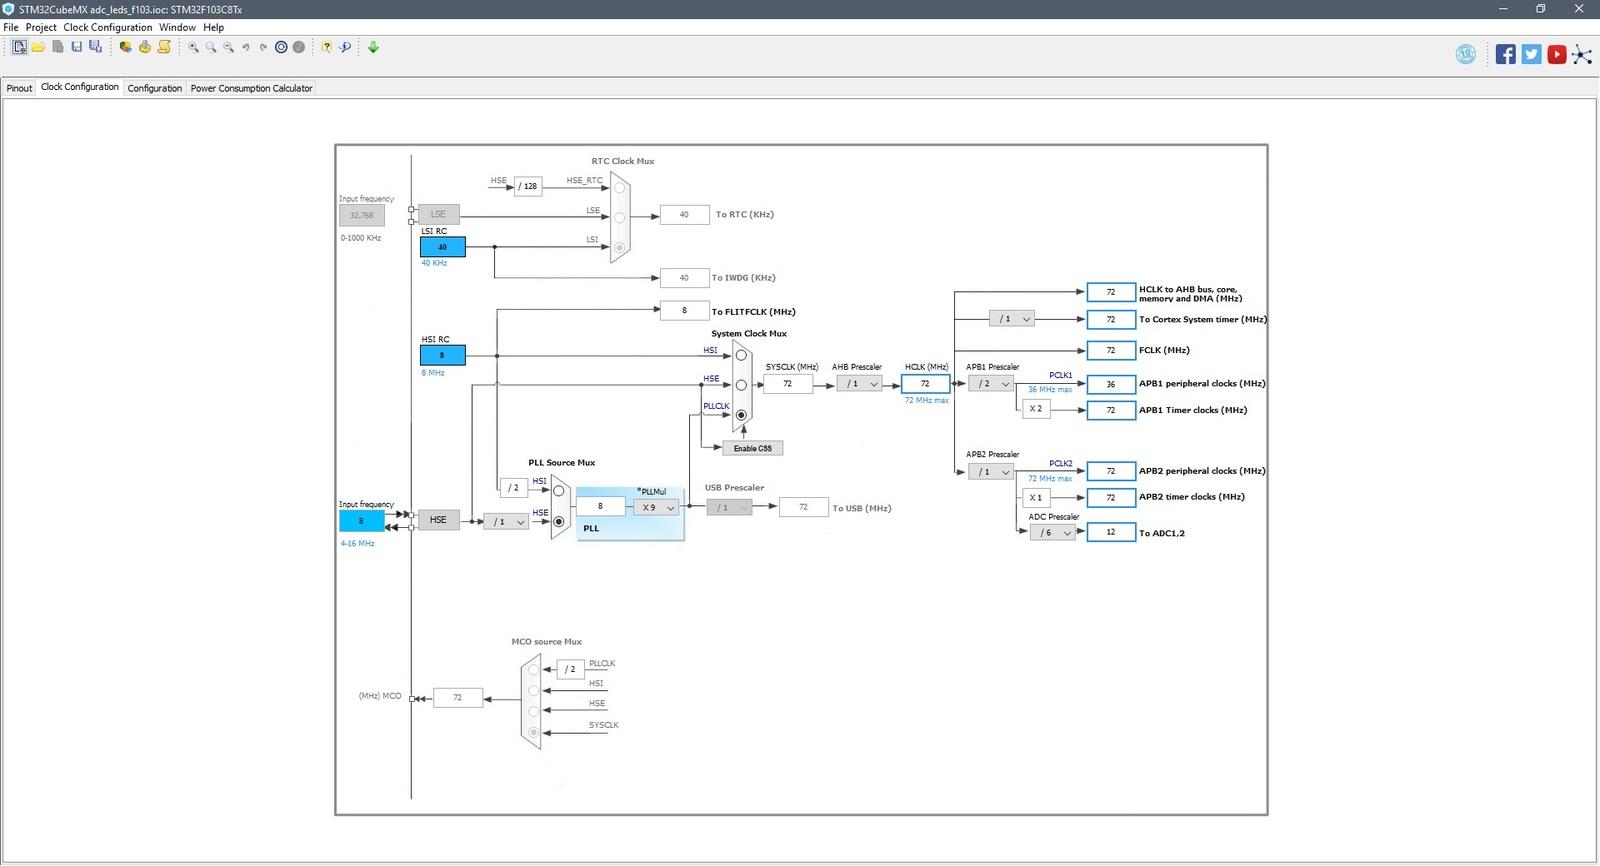 Stm32f103C8T6 ADC (АЦП - аналого-цифровой преобразователь